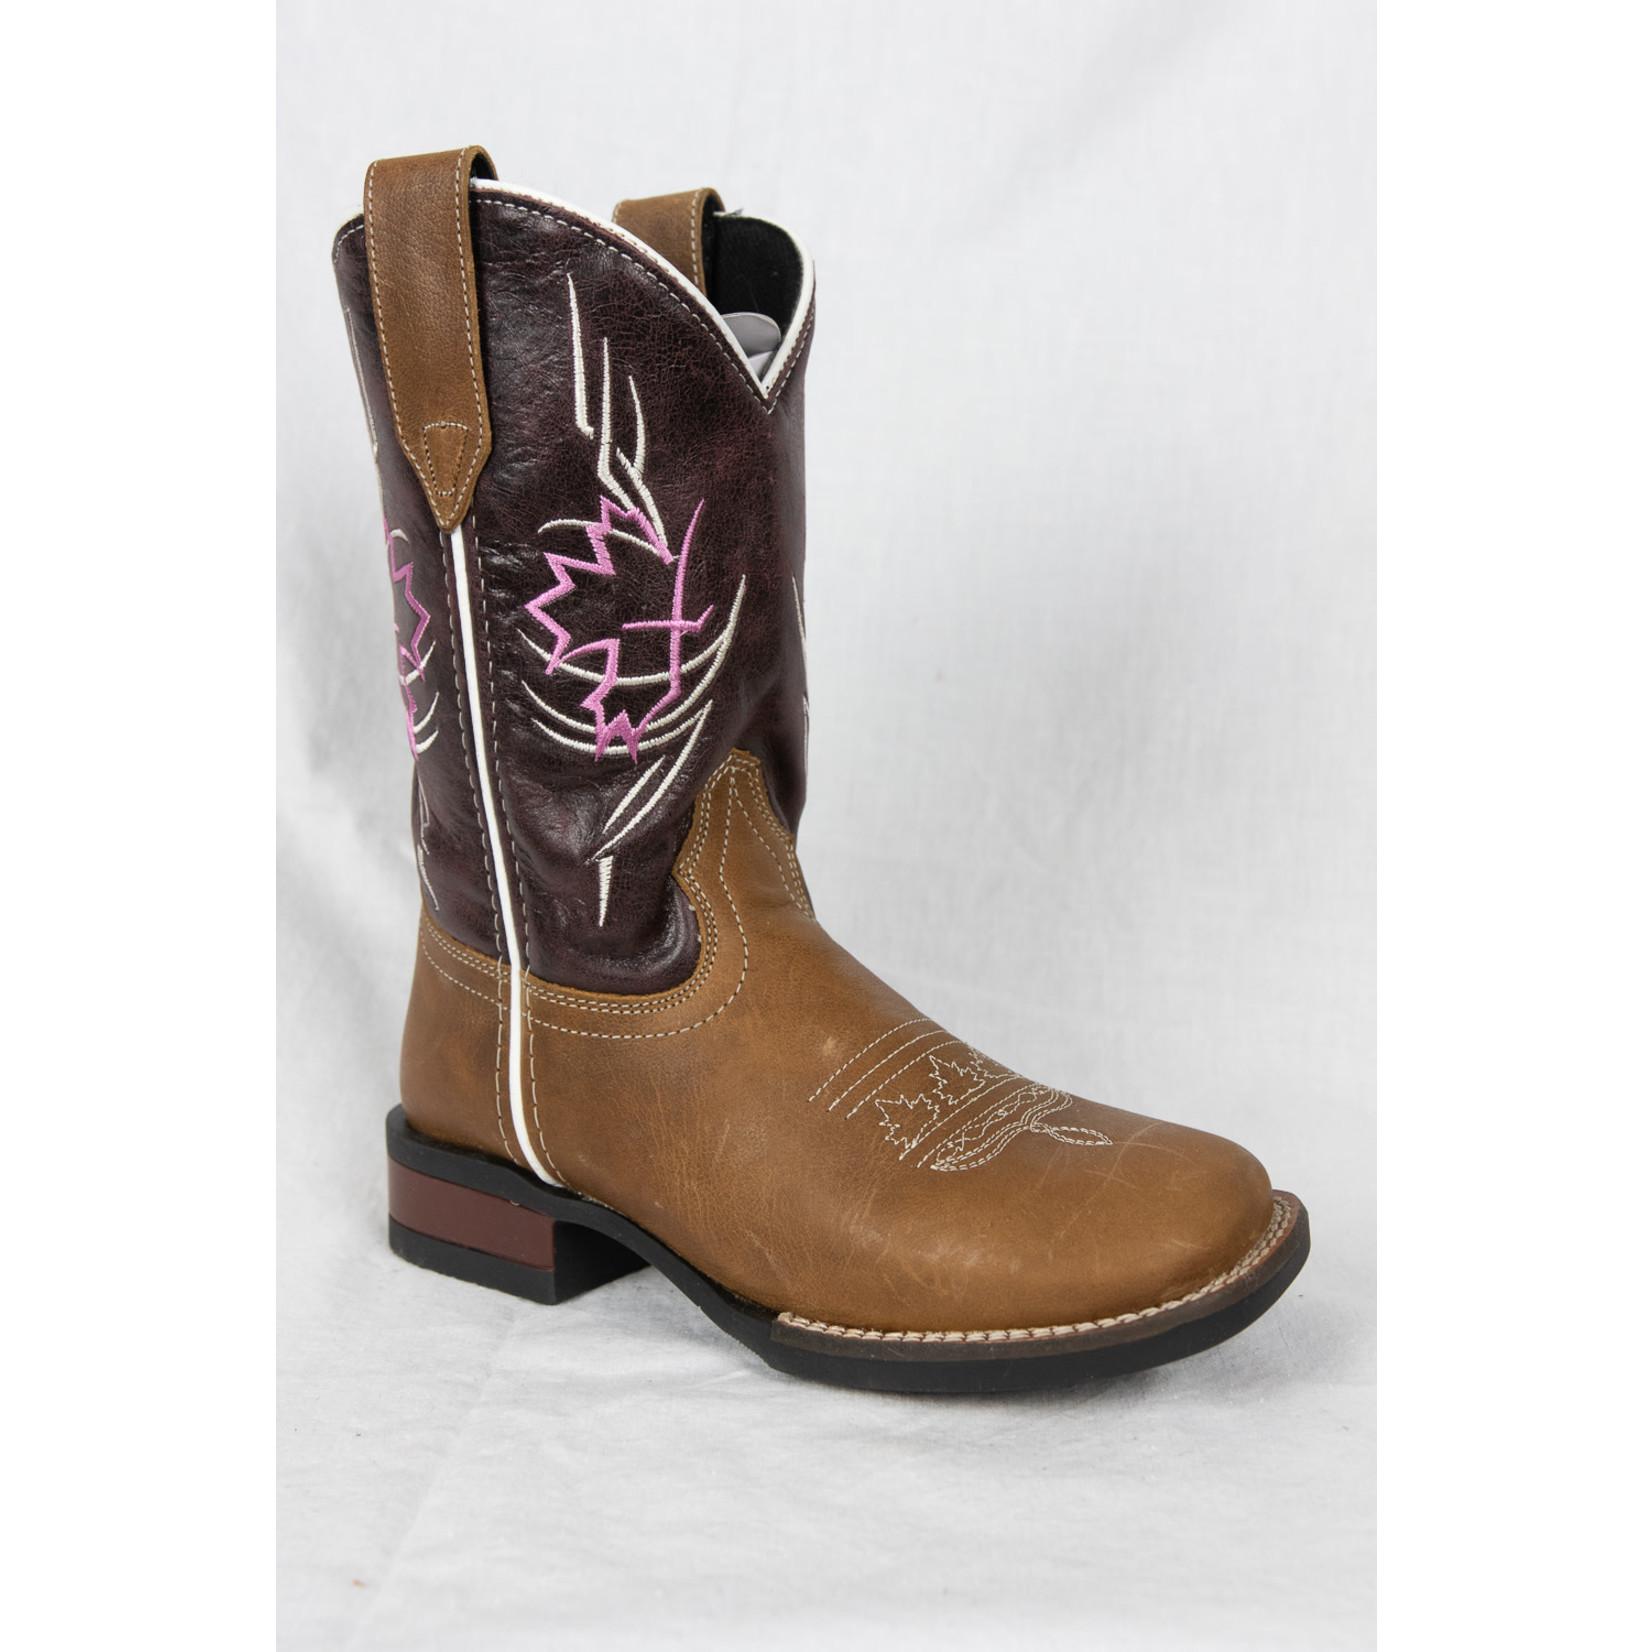 Roper Roper Children's Cowboy Boot 09-018-0911-1204 TA